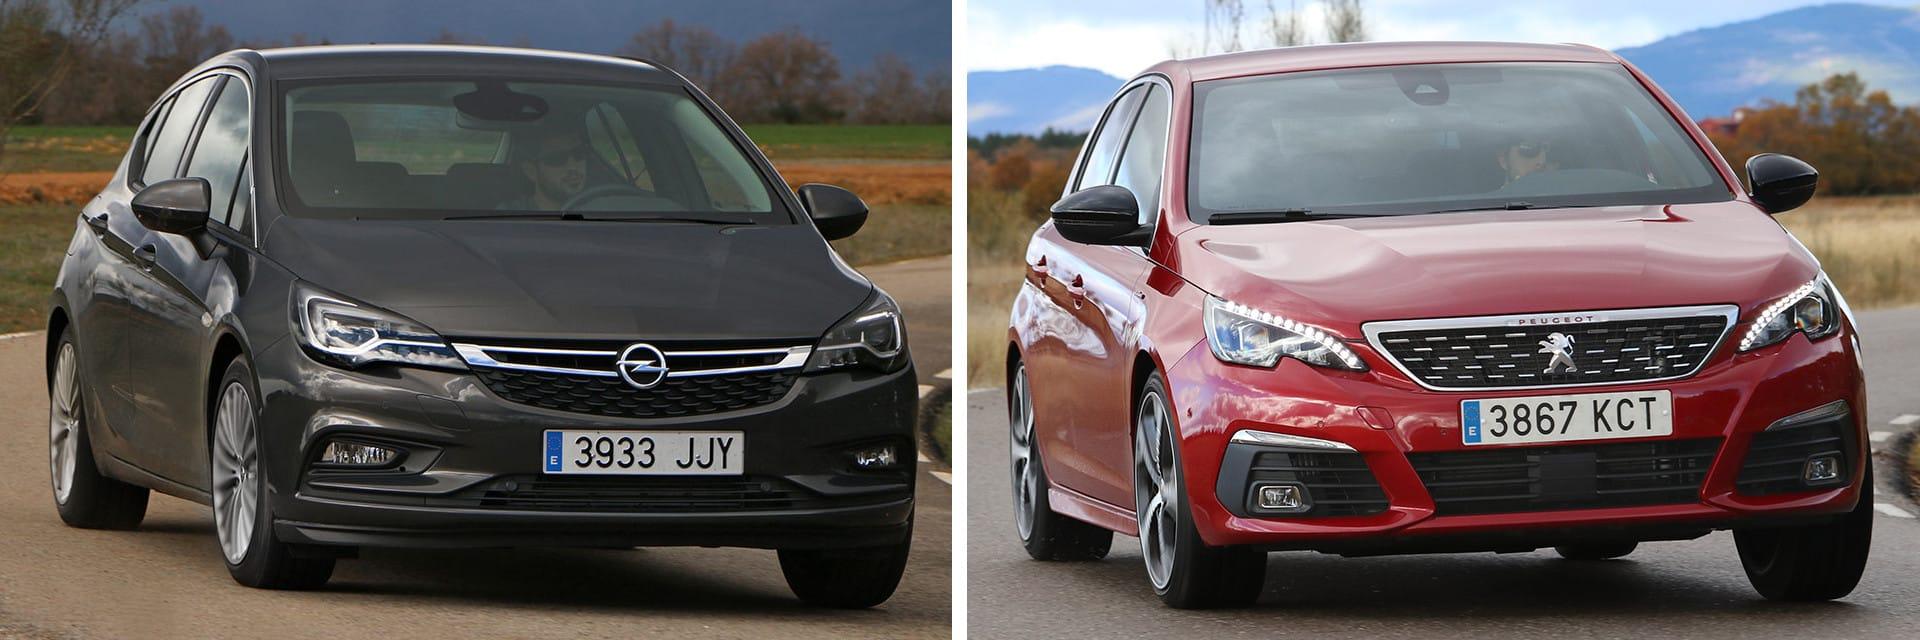 El Opel Astra (izq.) y el Peugeot 308 (dcha.) son dos de los vehículos más vendidos del segmento compacto.